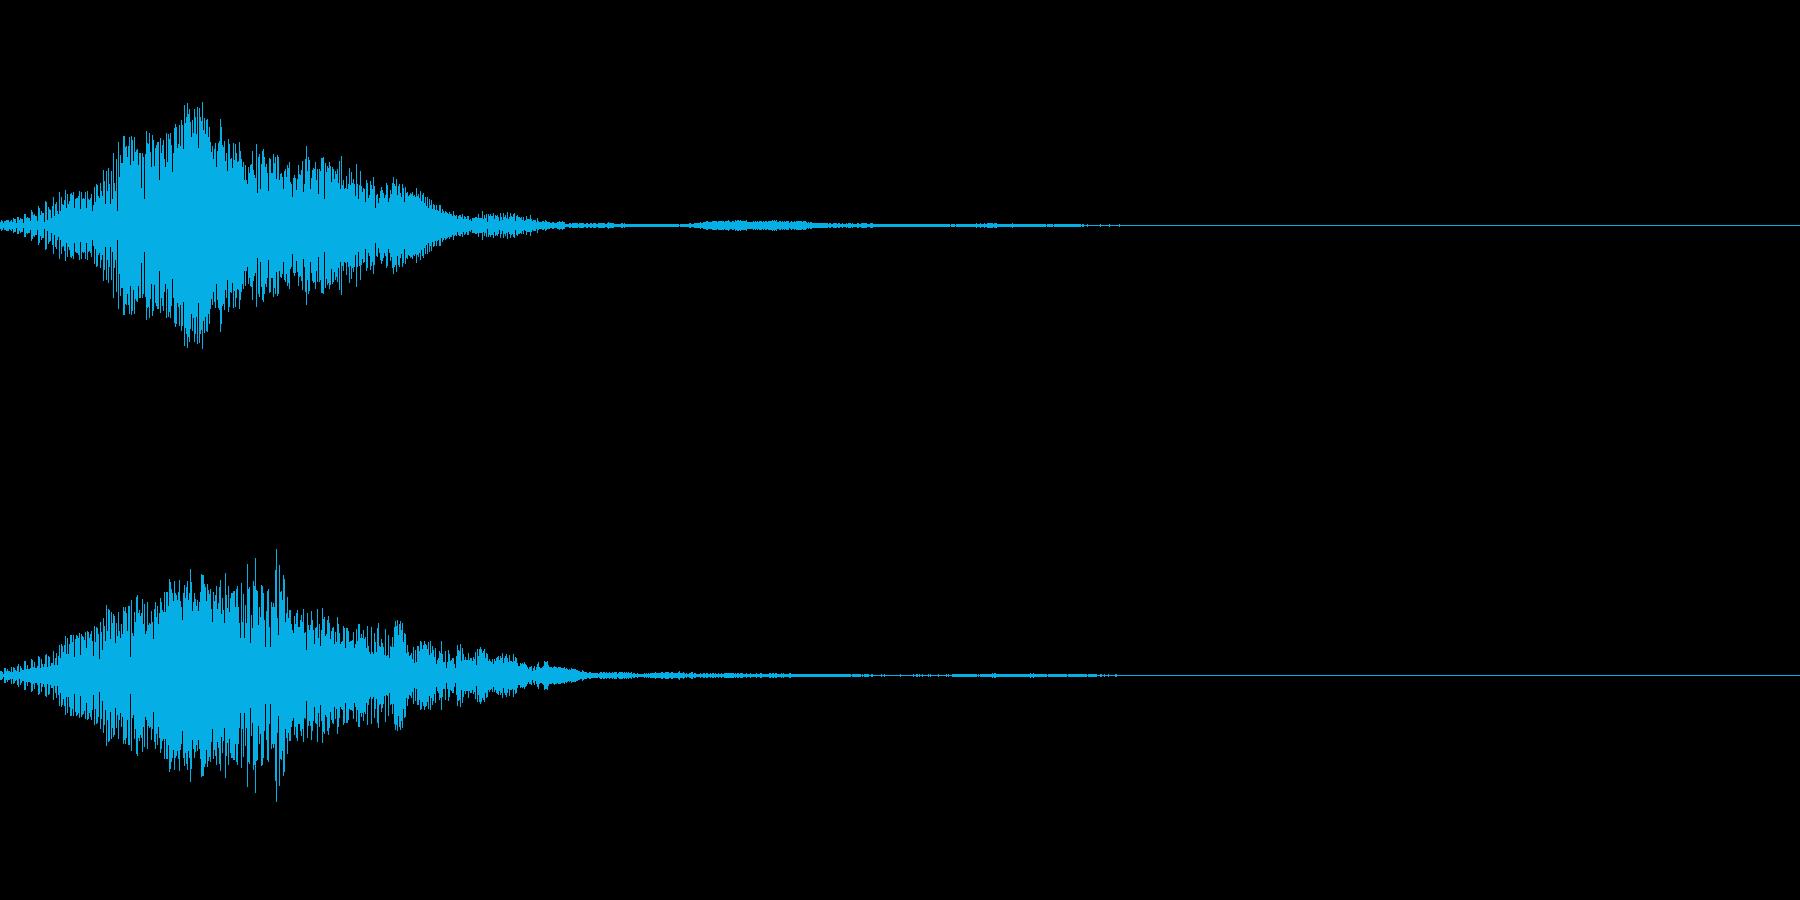 ファンタジーなボタン音の再生済みの波形